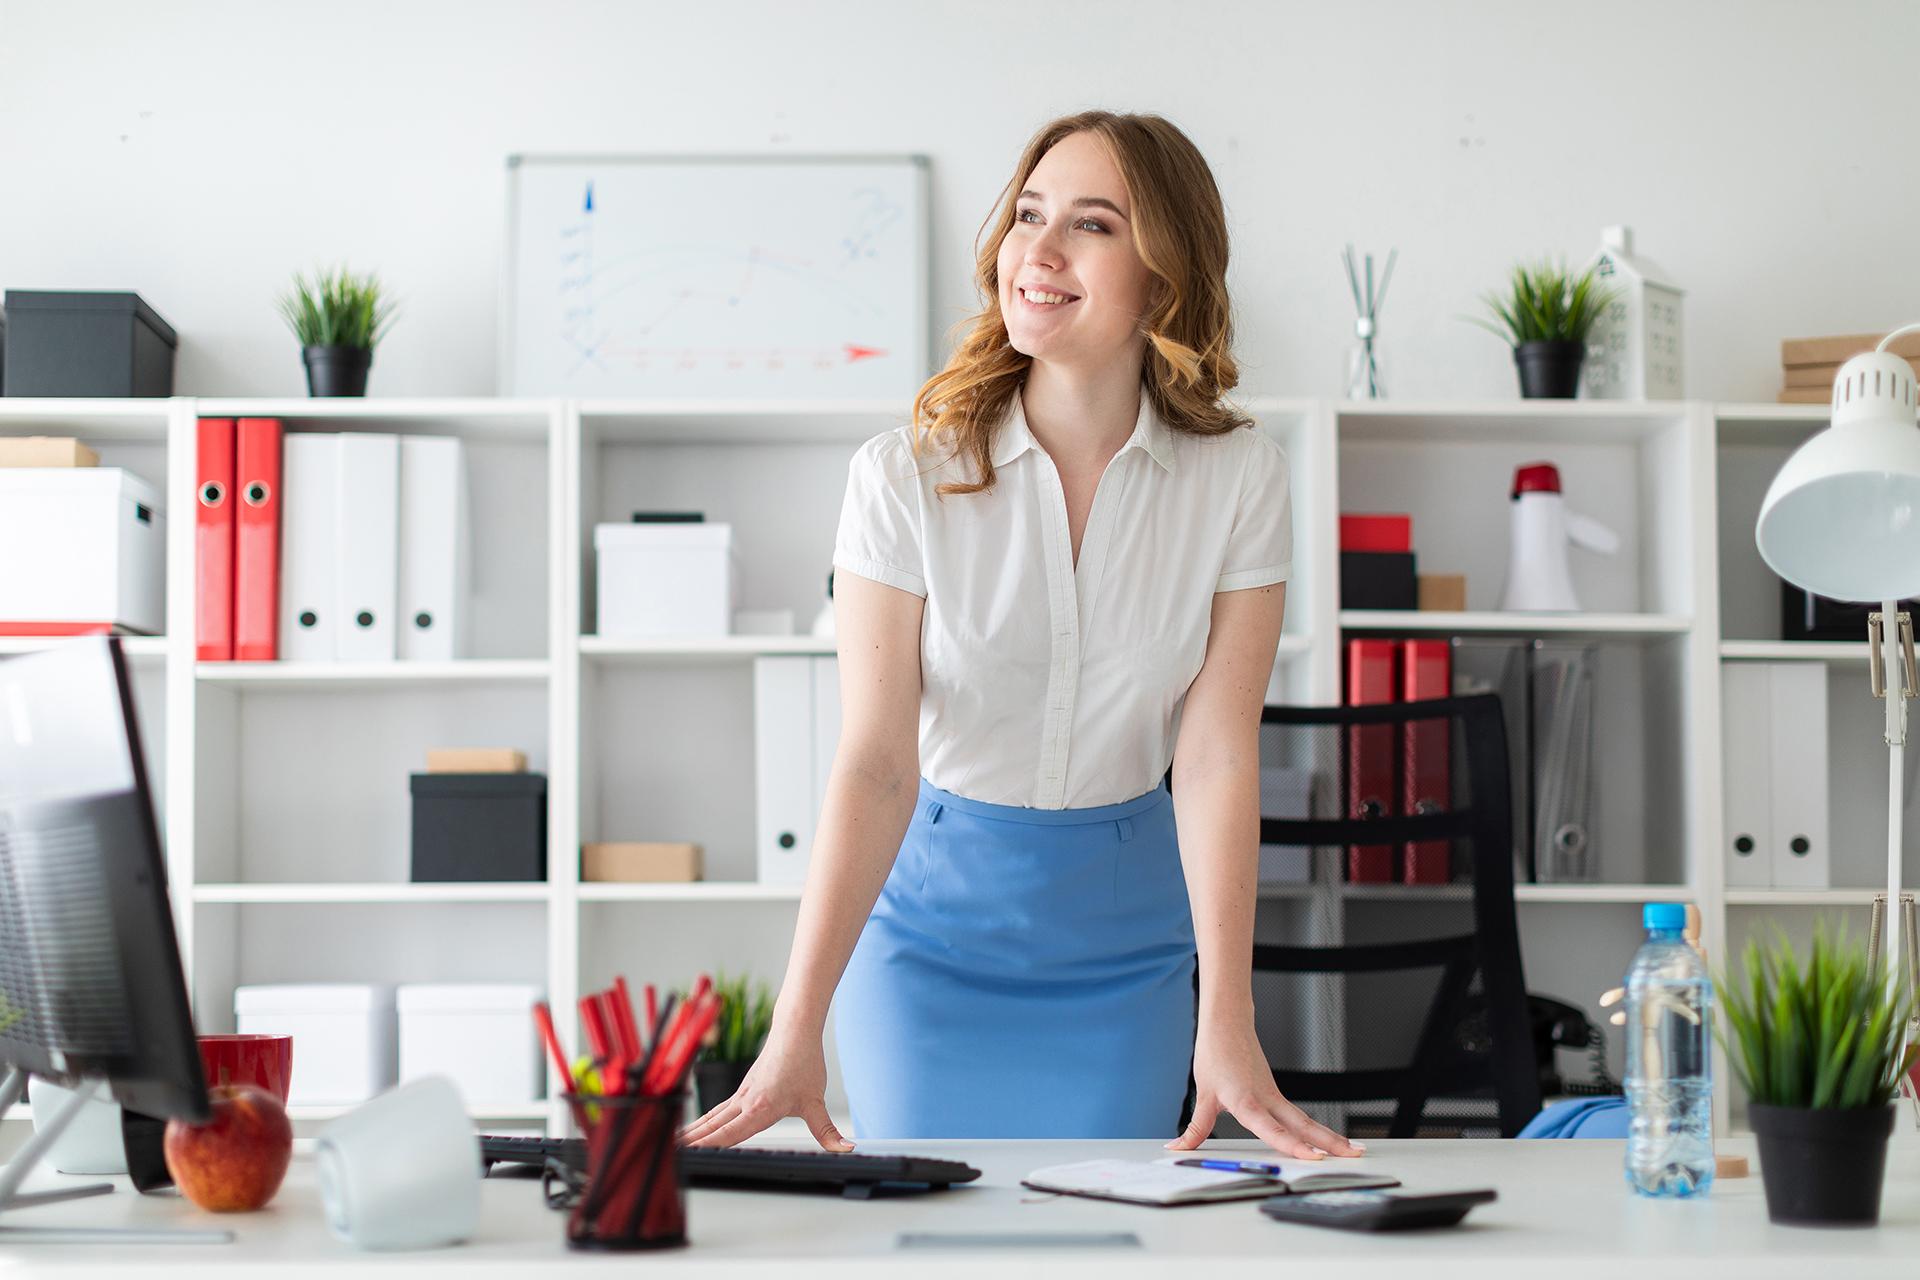 Бизнес девушка модель работы отношение работников к фирме и работе в американской модели менеджмента